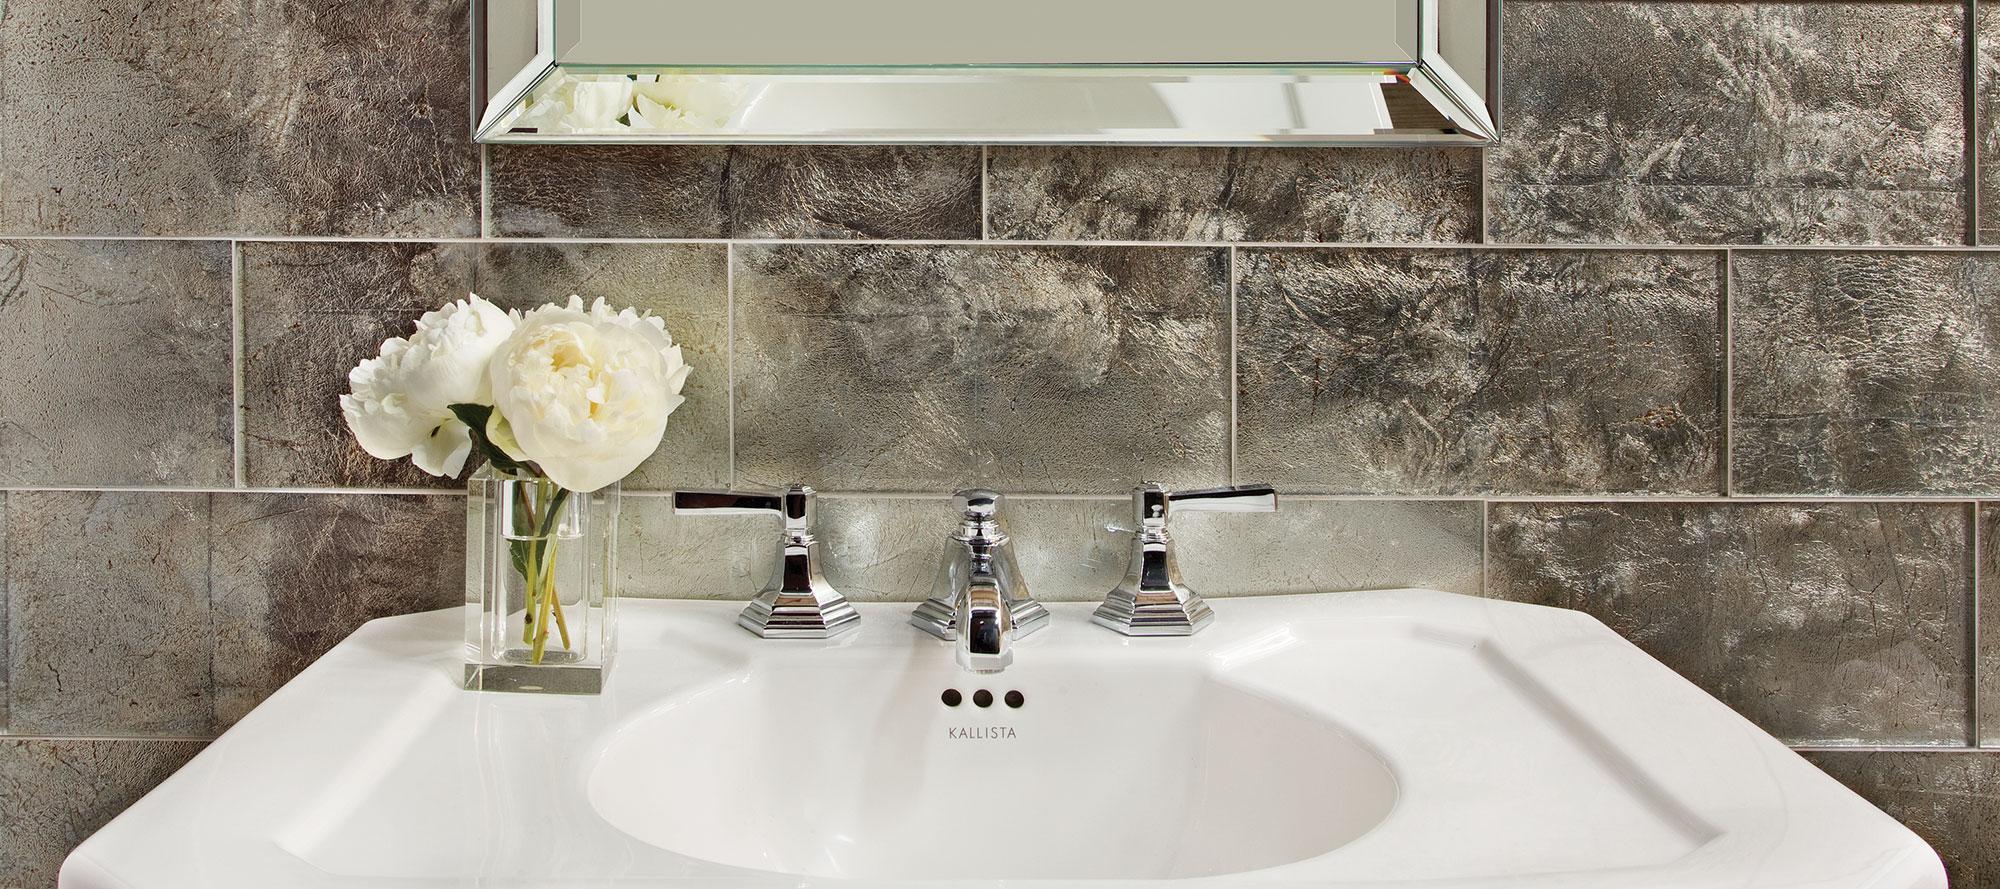 For Town Kitchen Sink | L20303-00 | Kitchen Sinks | Kallista | Kallista